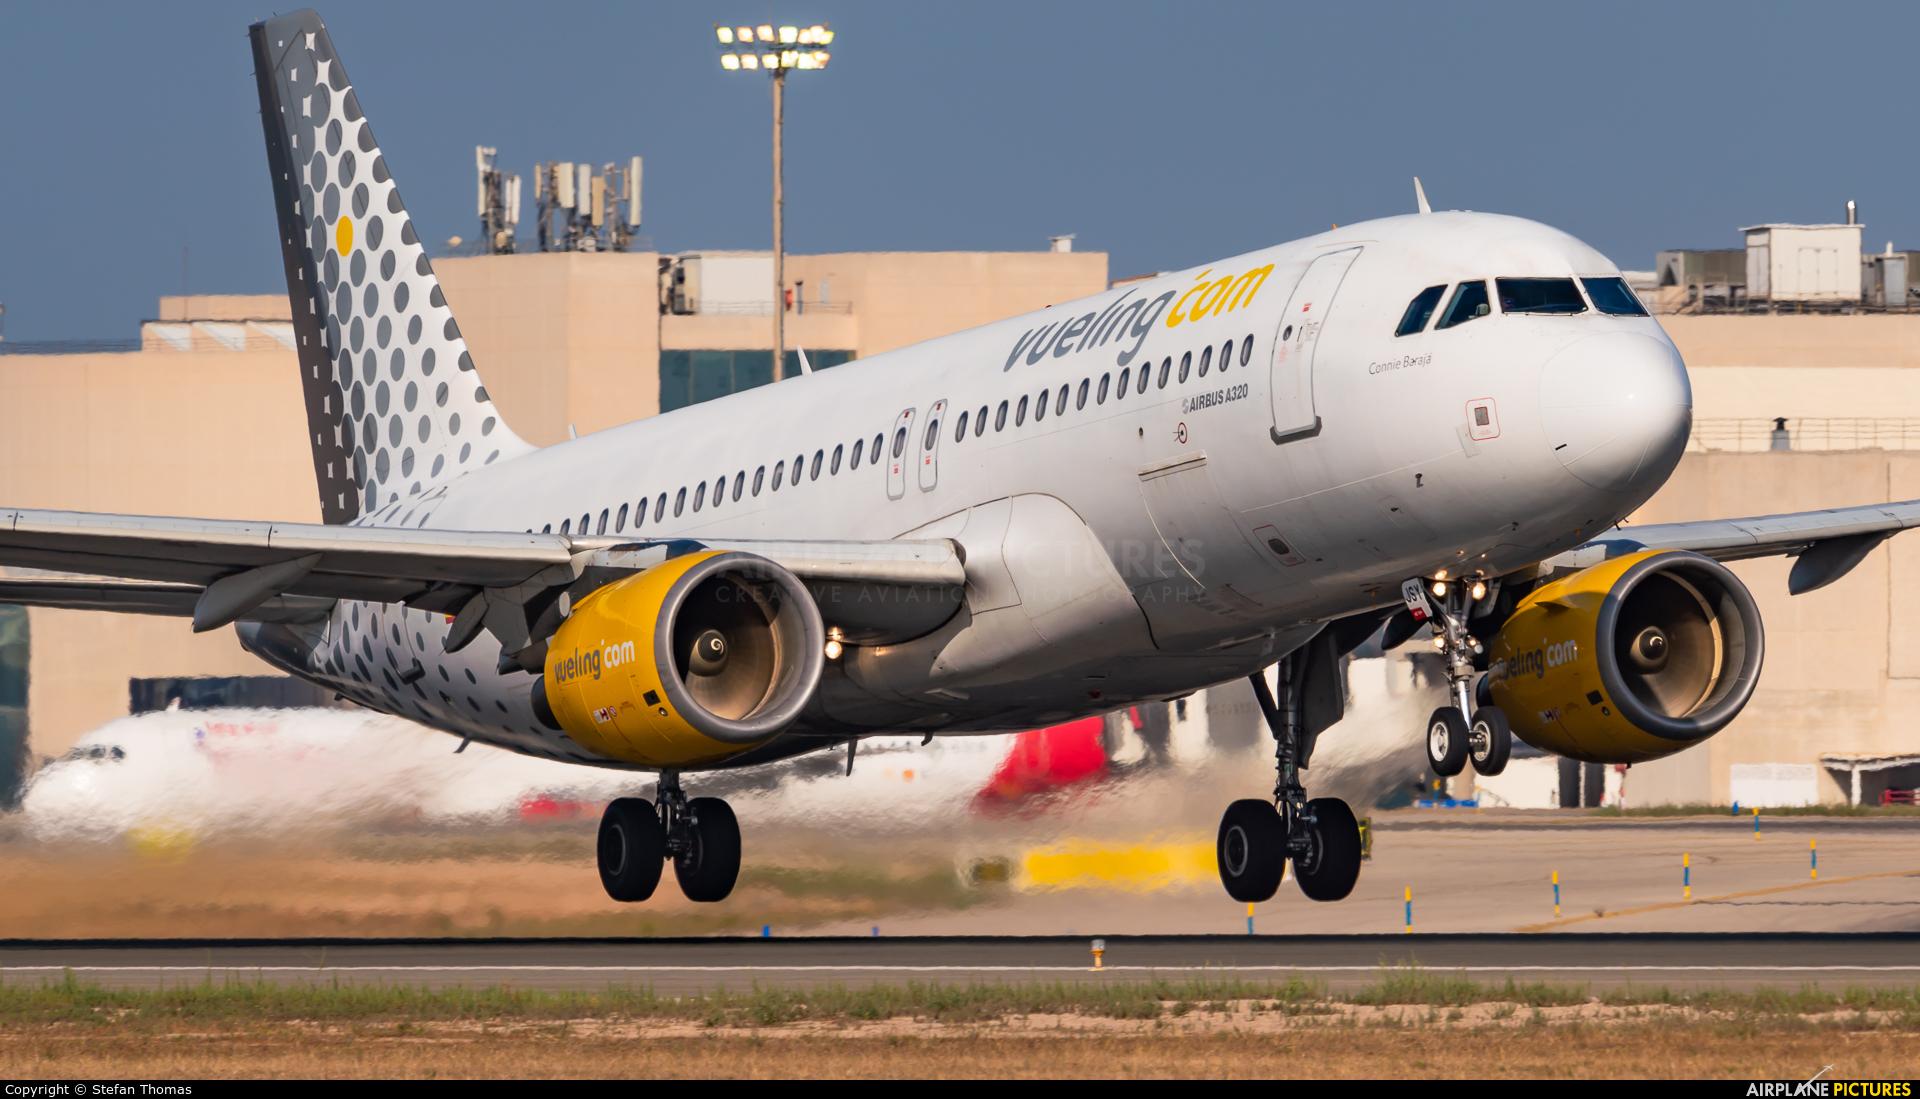 Vueling Airlines EC-JSY aircraft at Palma de Mallorca